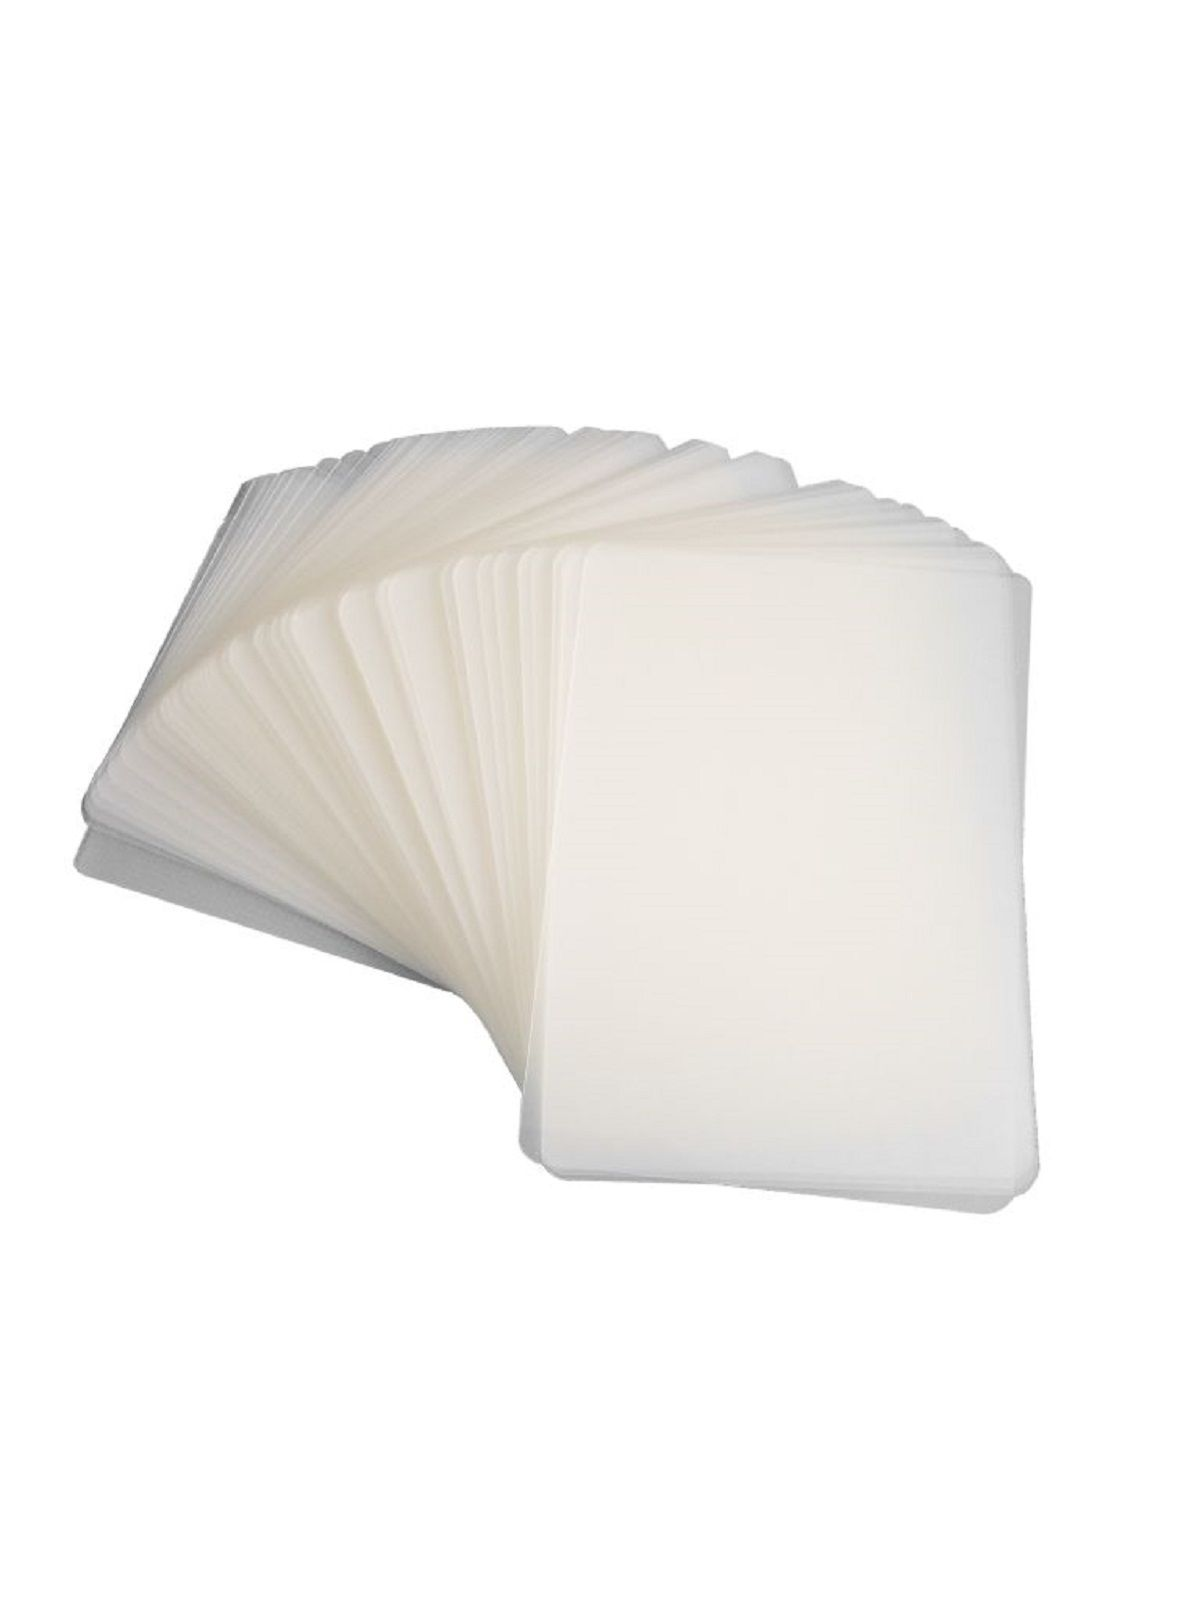 Kit 1000 Plásticos Polaseal para Plastificação CGC 110x170x0,05mm (125 micras)  - Click Suprimentos